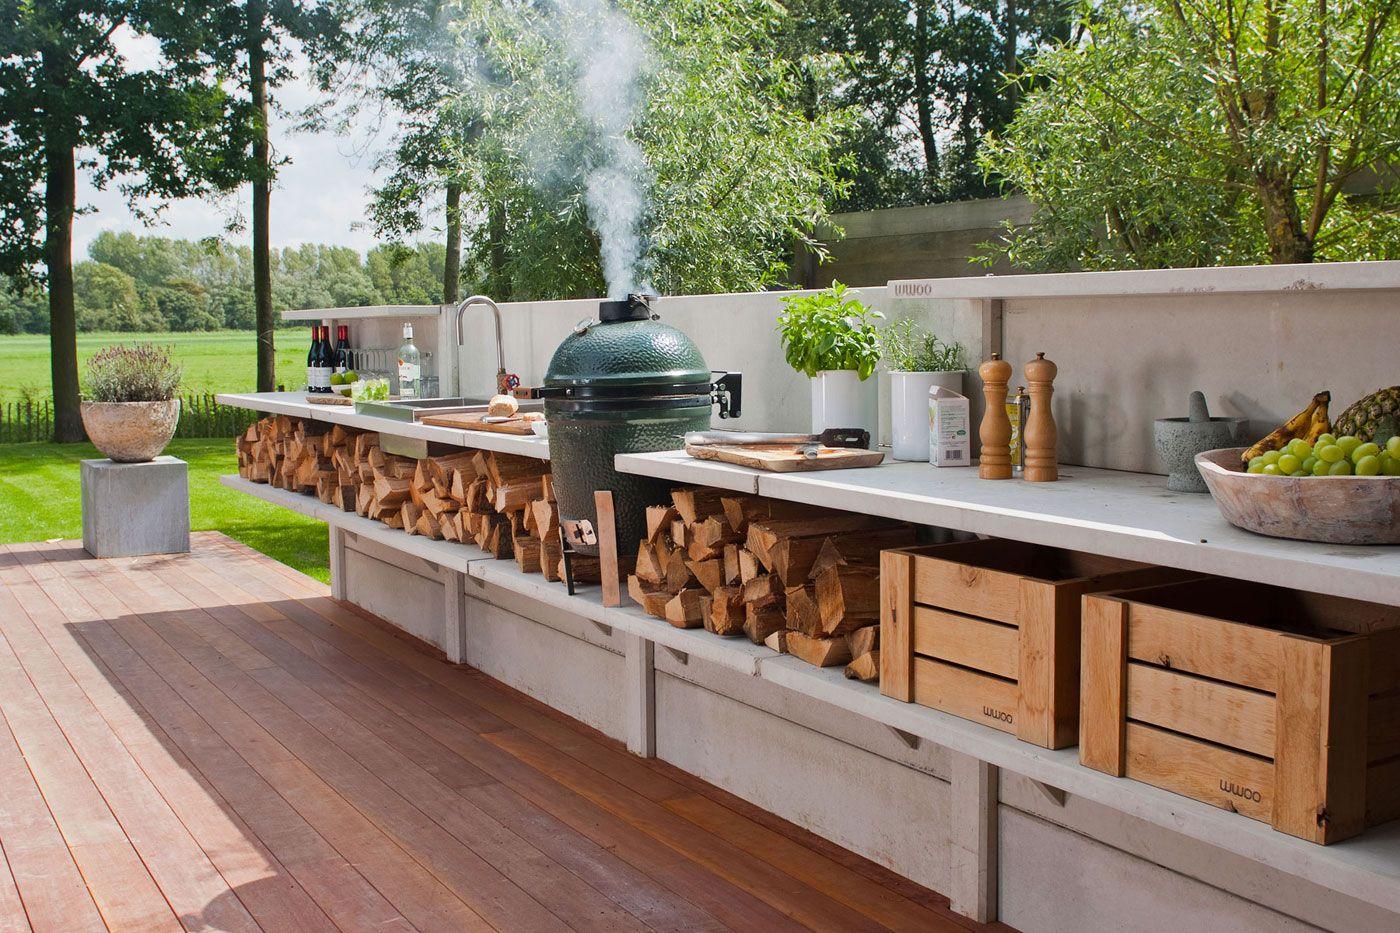 Outdoor Küchengeräte : Top 10 outdoor küchengeräte trends 2019 küche design 2018